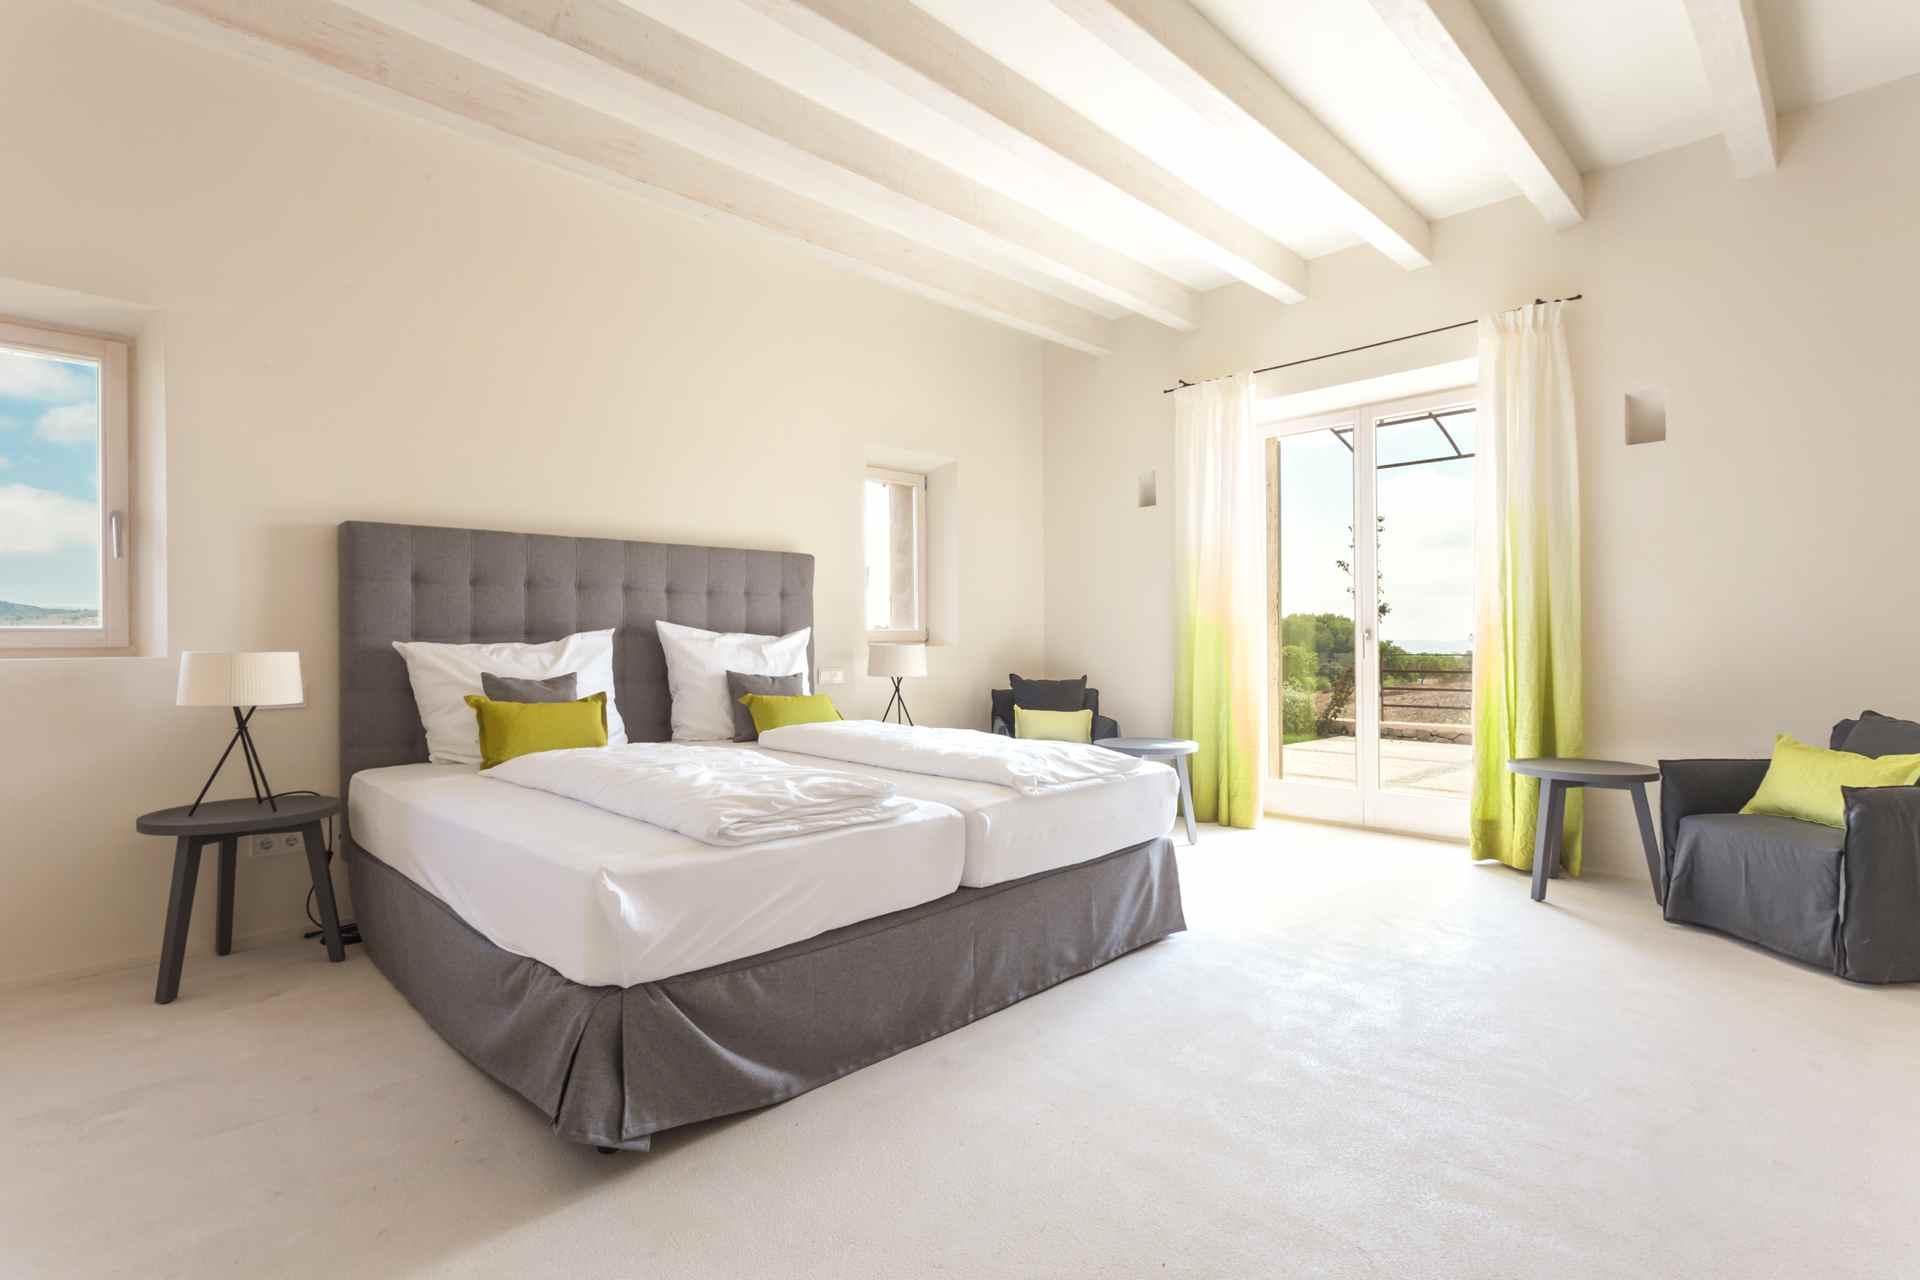 01-306 topmoderne Finca Mallorca Nordosten Bild 20